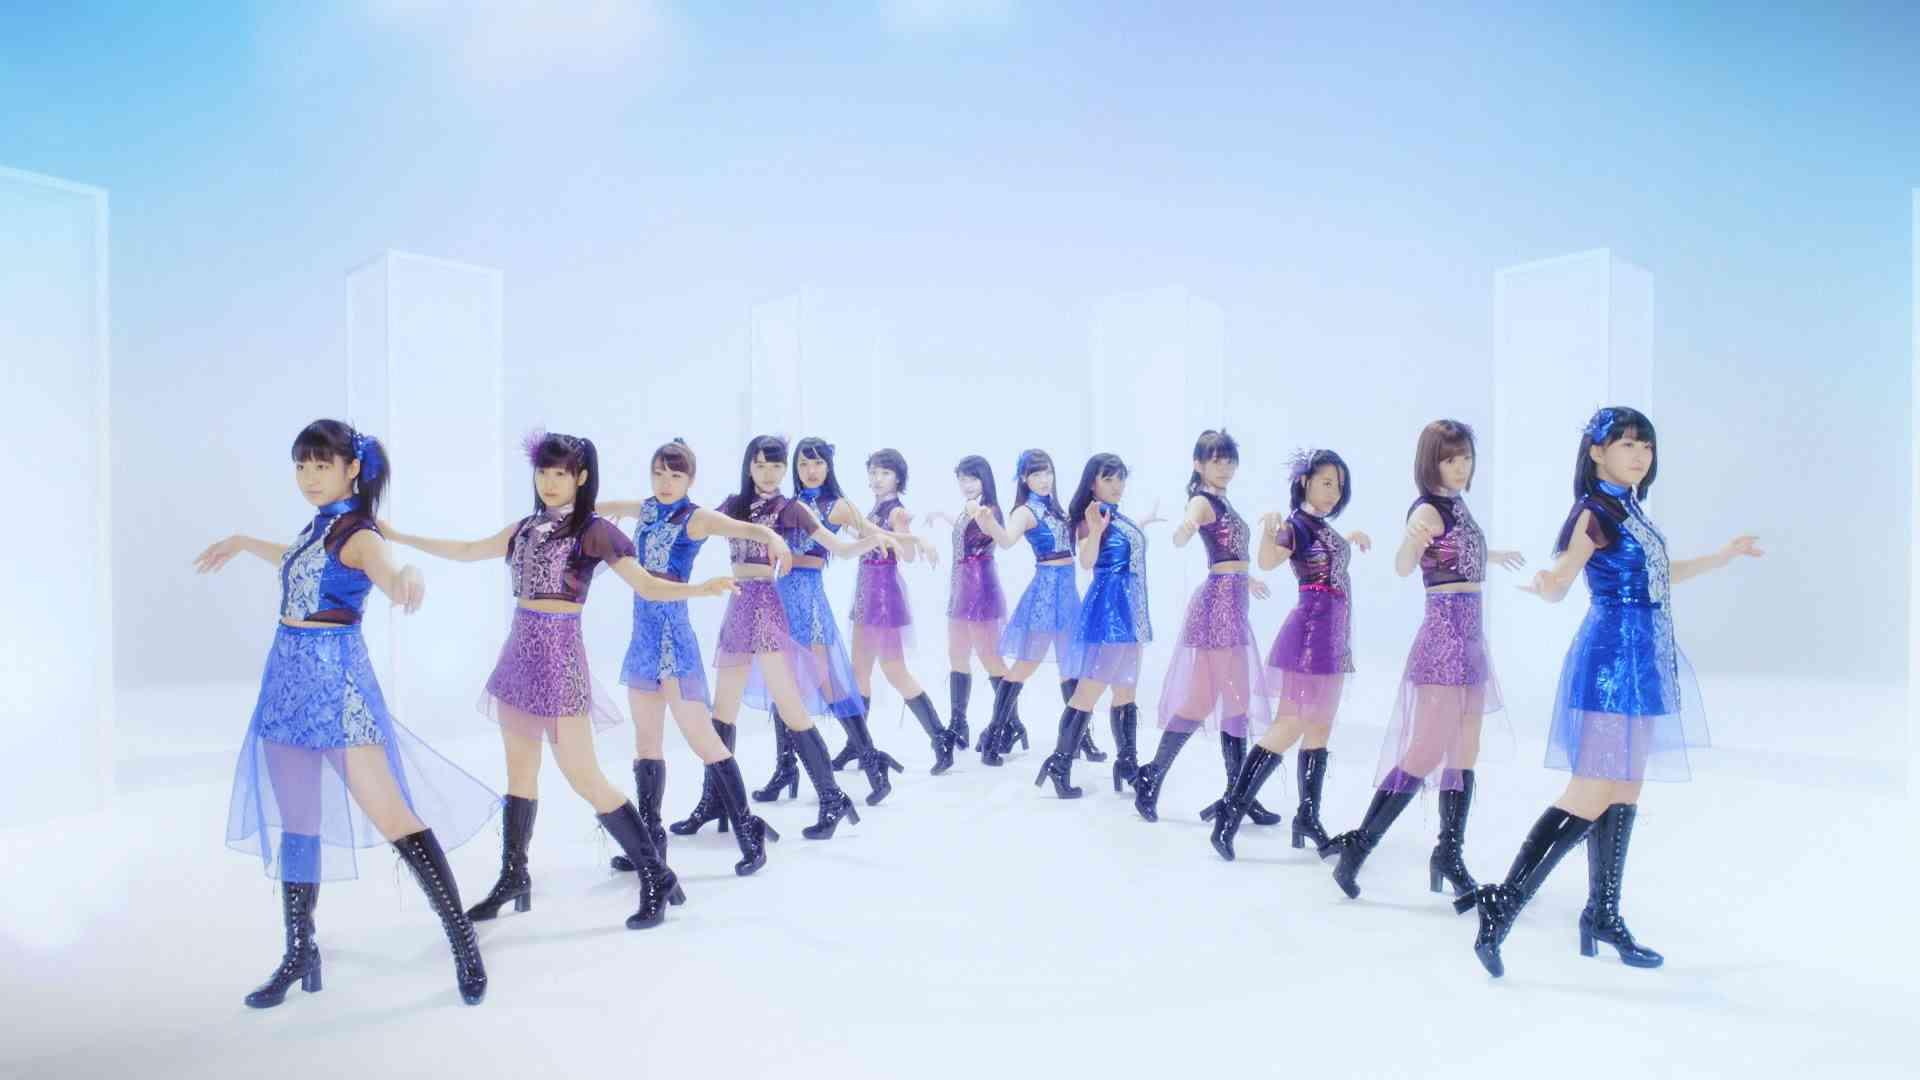 モーニング娘。'15『ENDLESS SKY』(Morning Musume。'15[ENDLESS SKY]) (Promotion Edit) - YouTube